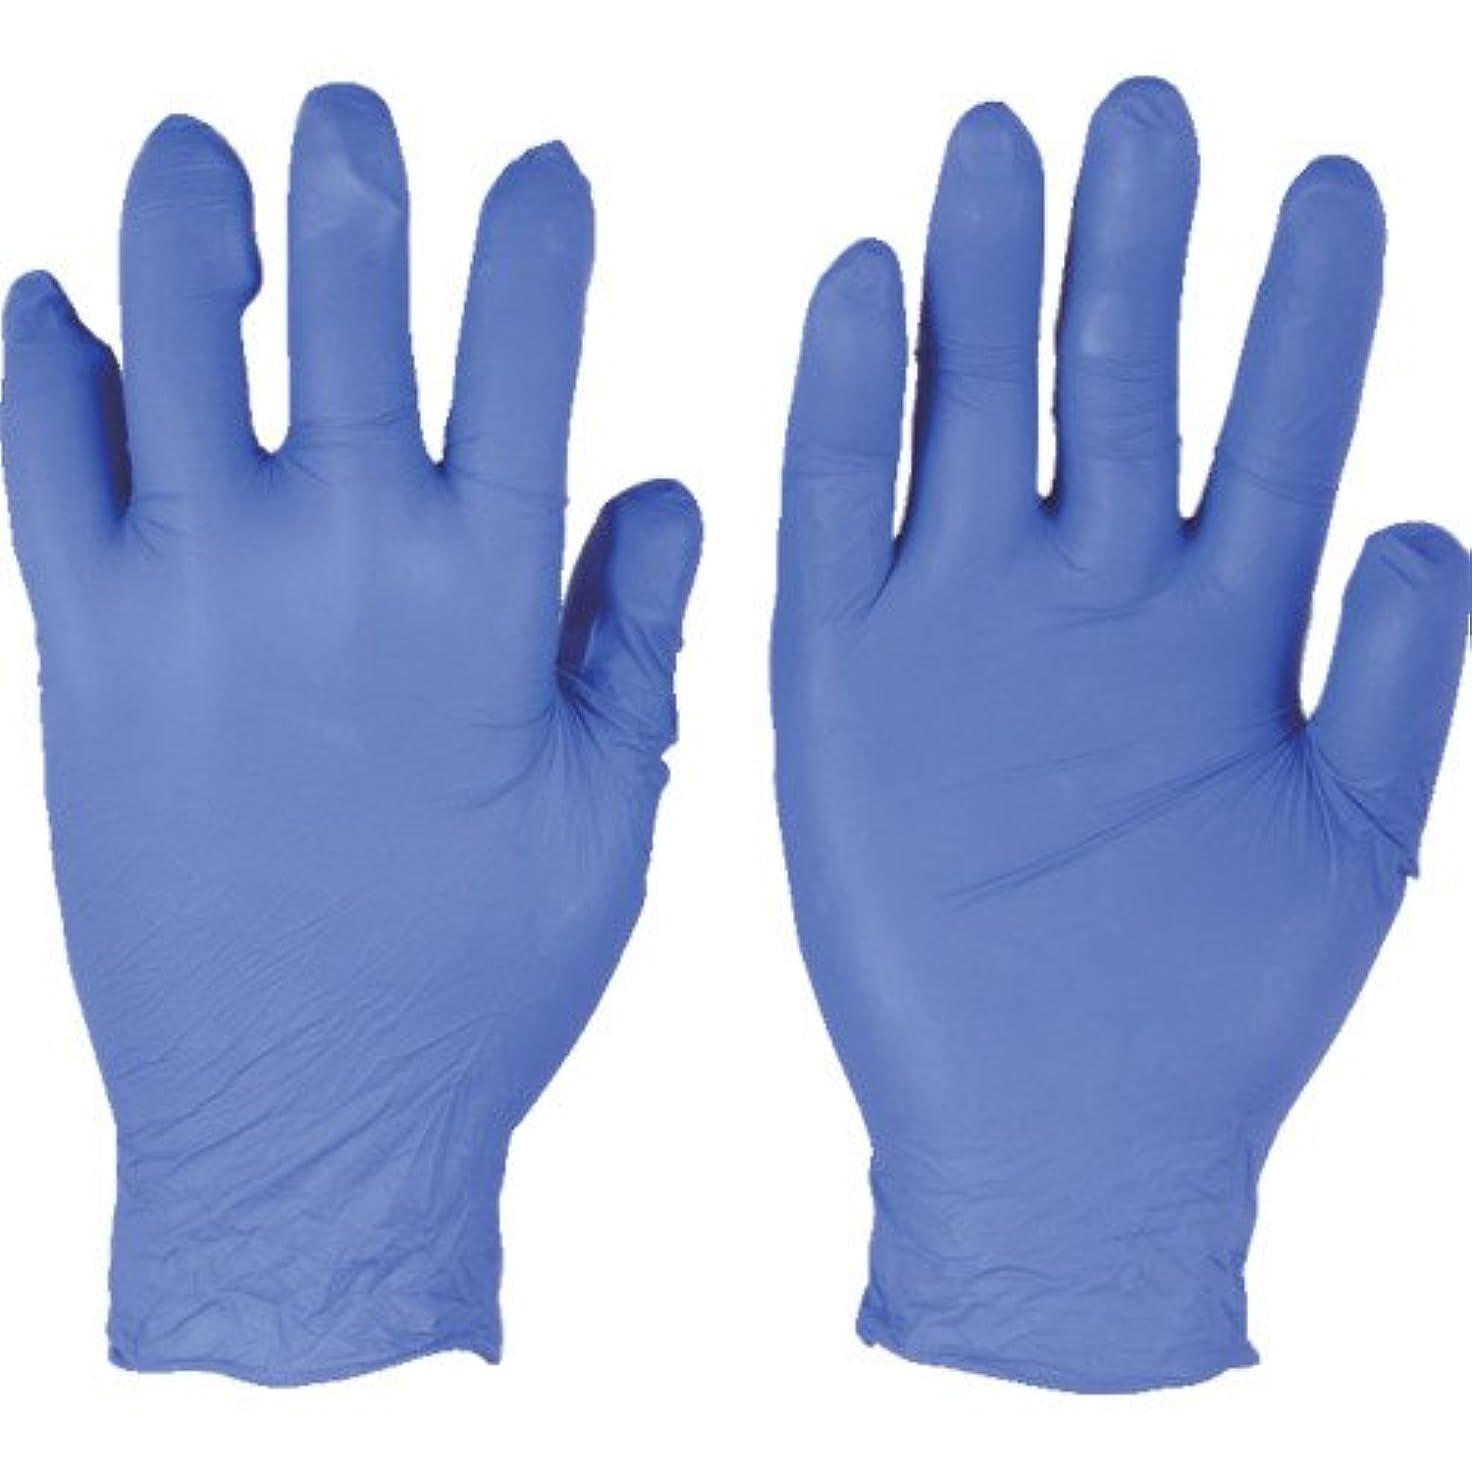 法王些細な刃アンセル ニトリルゴム使い捨て手袋 エッジ 300枚入 Mサイズ 300枚入 82-133-8